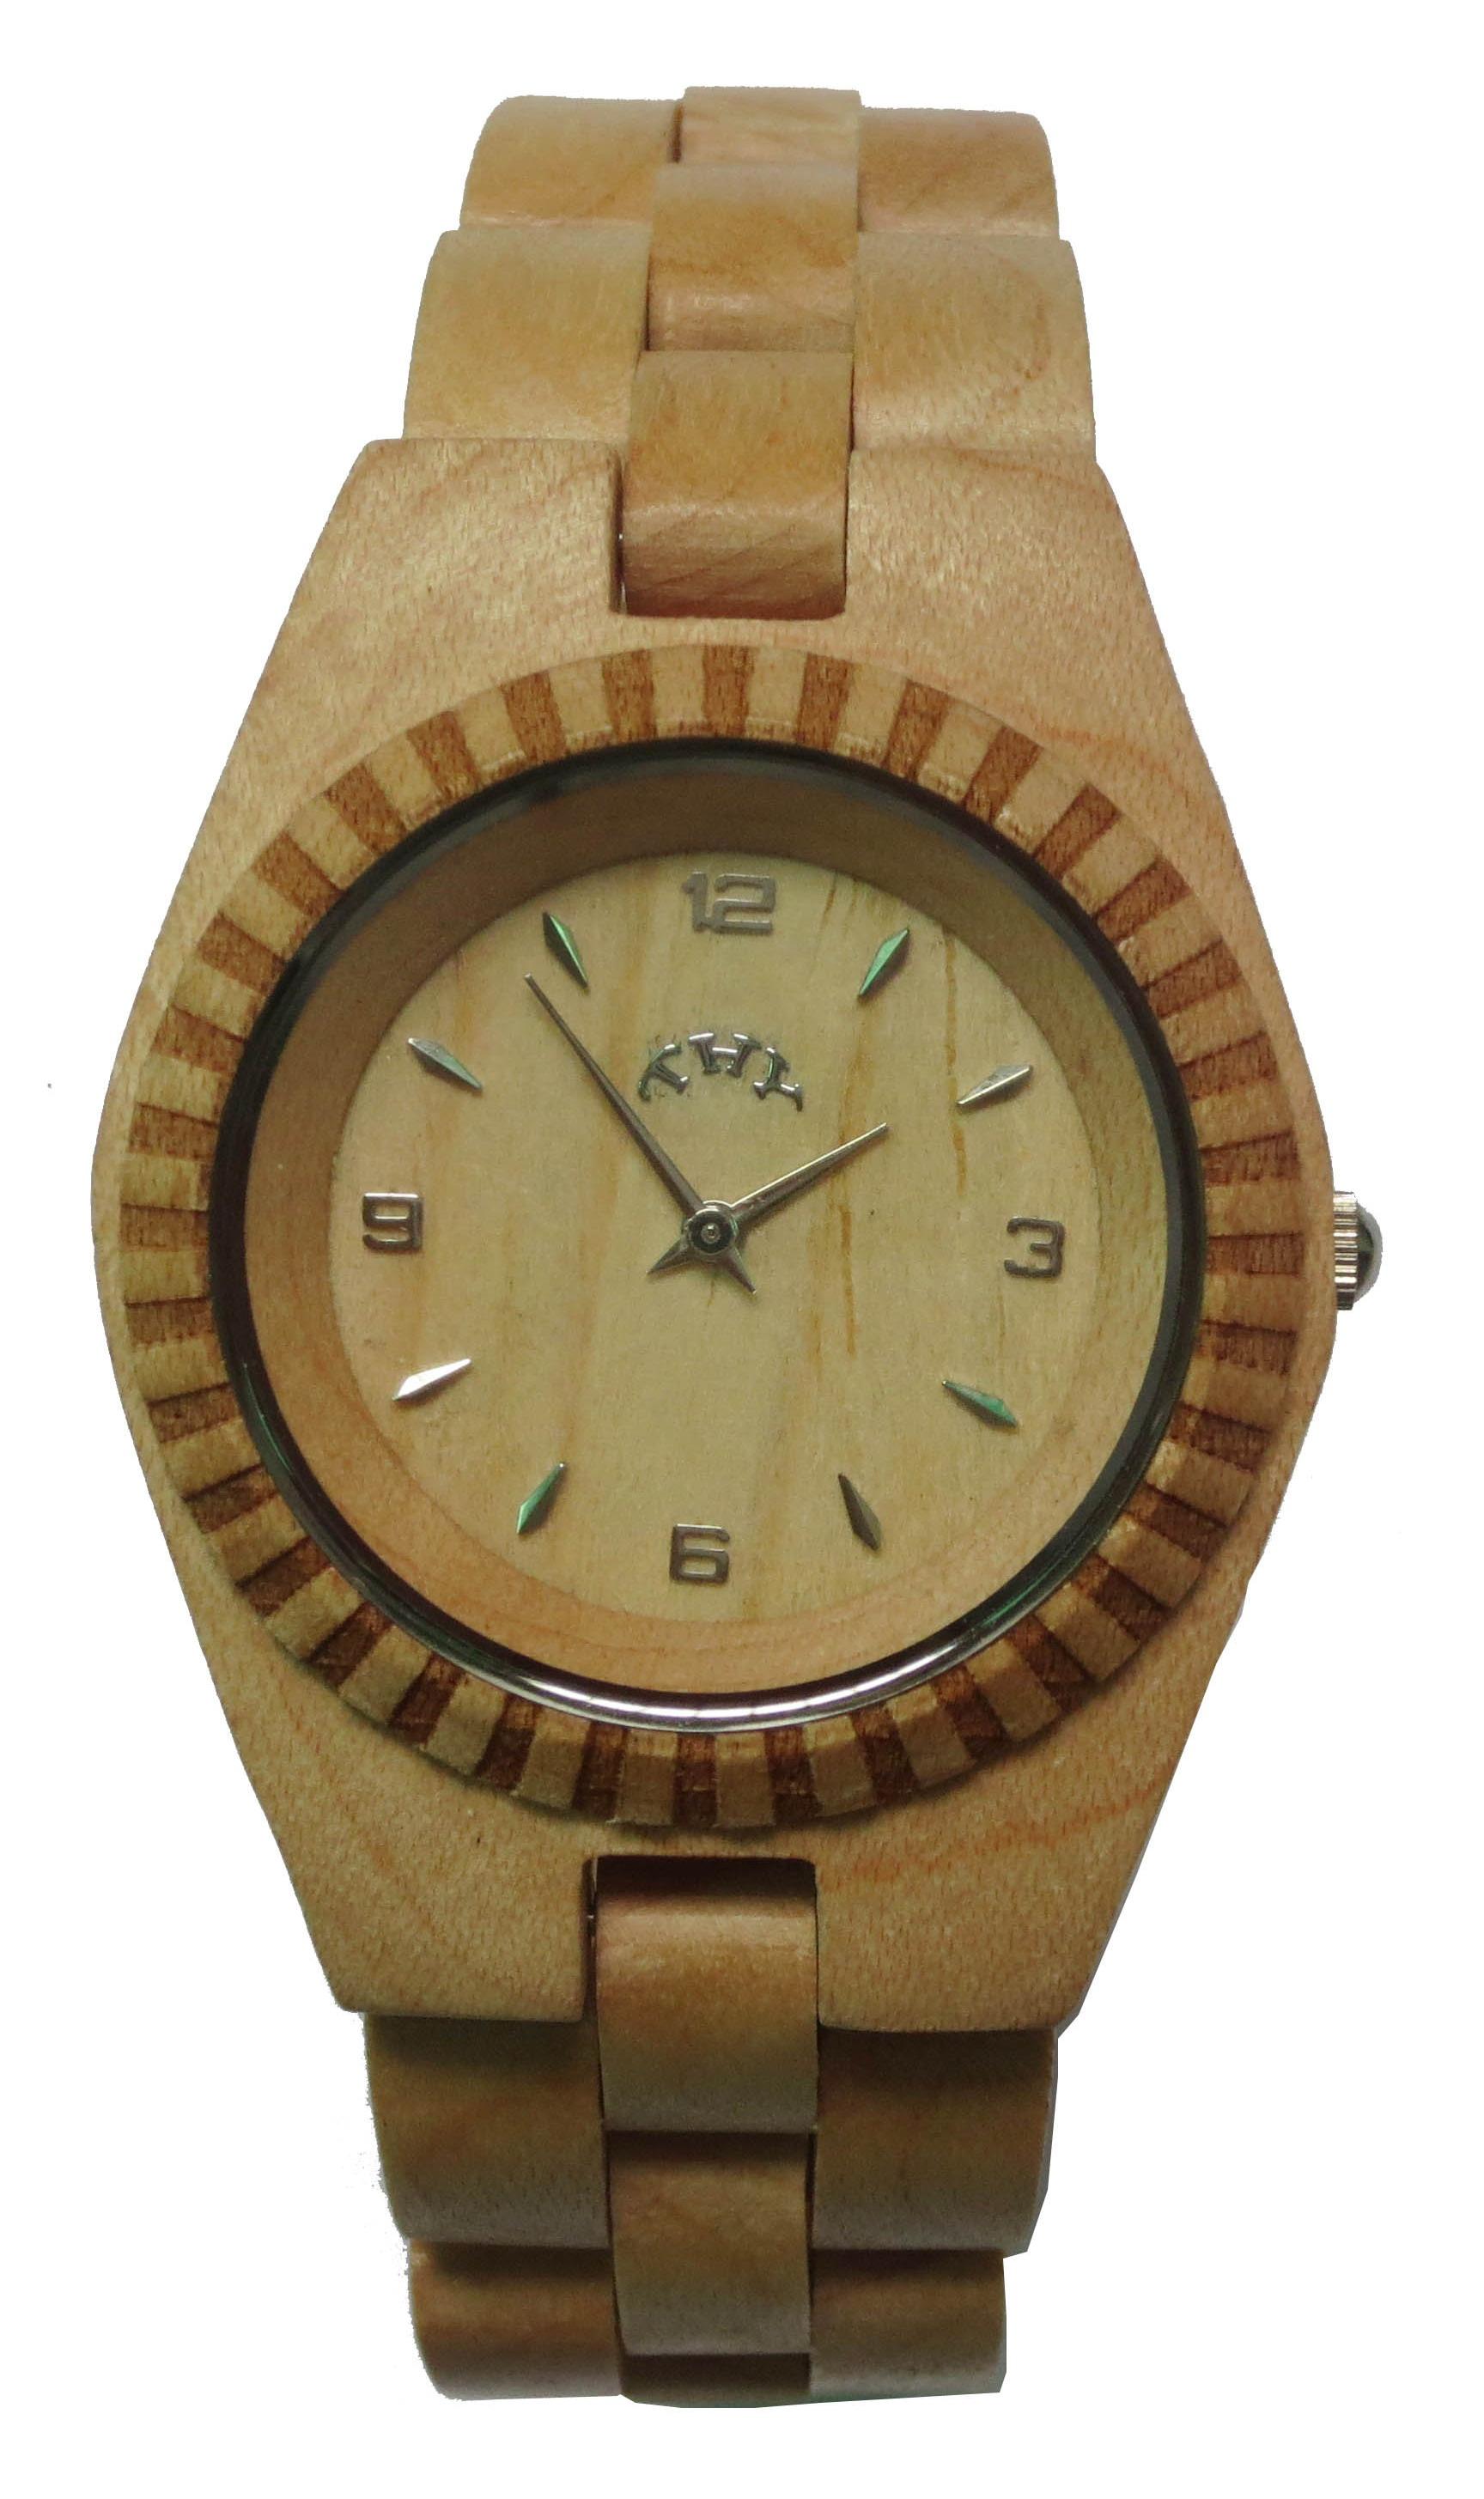 Replique Jaune Blanc ronde des femmes Dial Montres en bois avec 33 mm Taille W00022